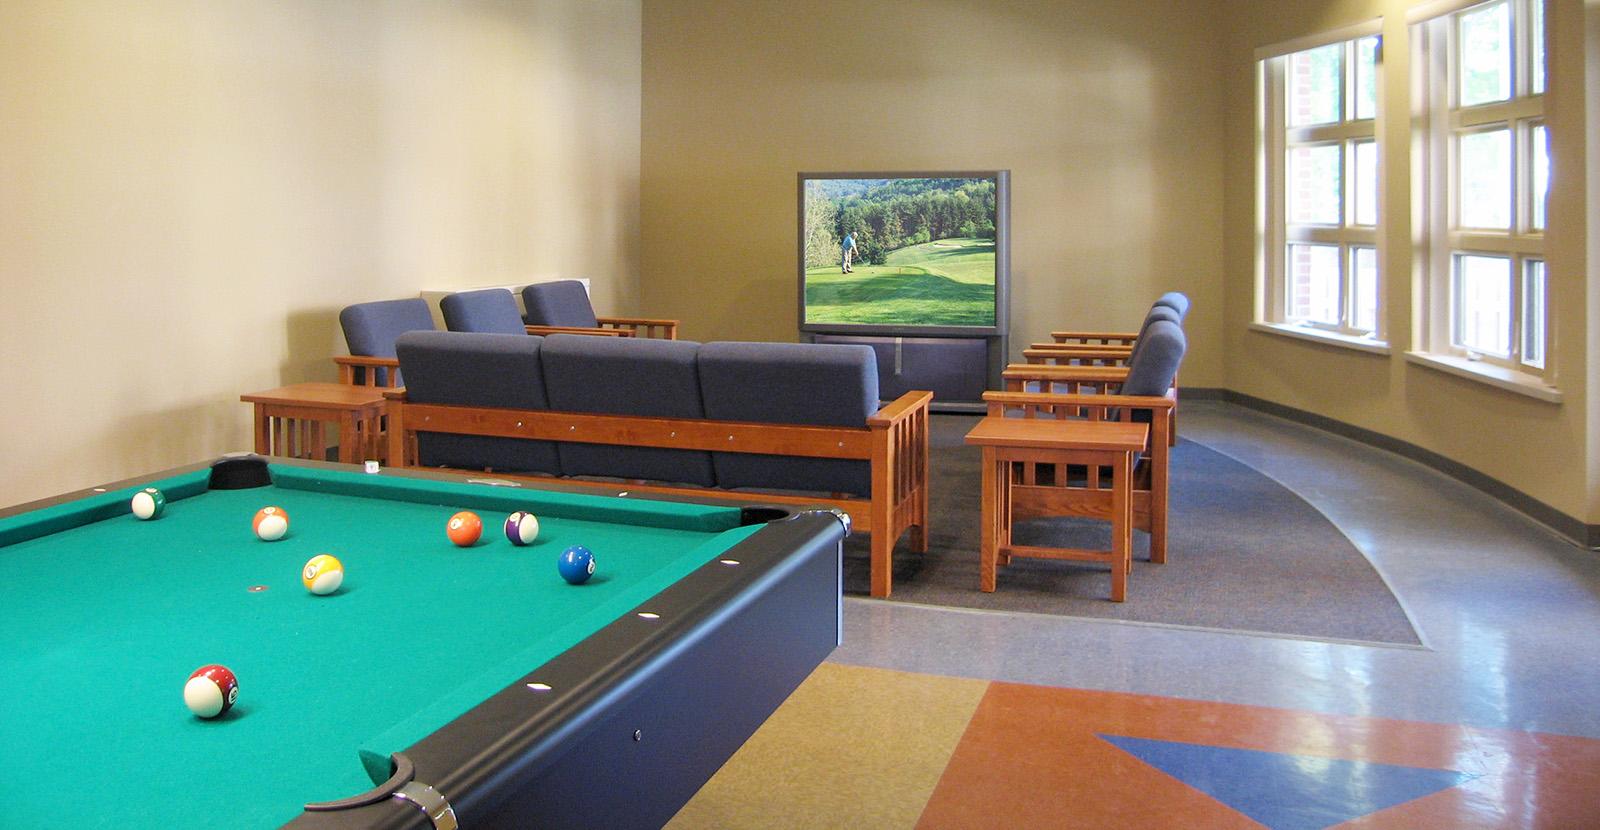 university-of-michigan-evans-scholars-rec-room